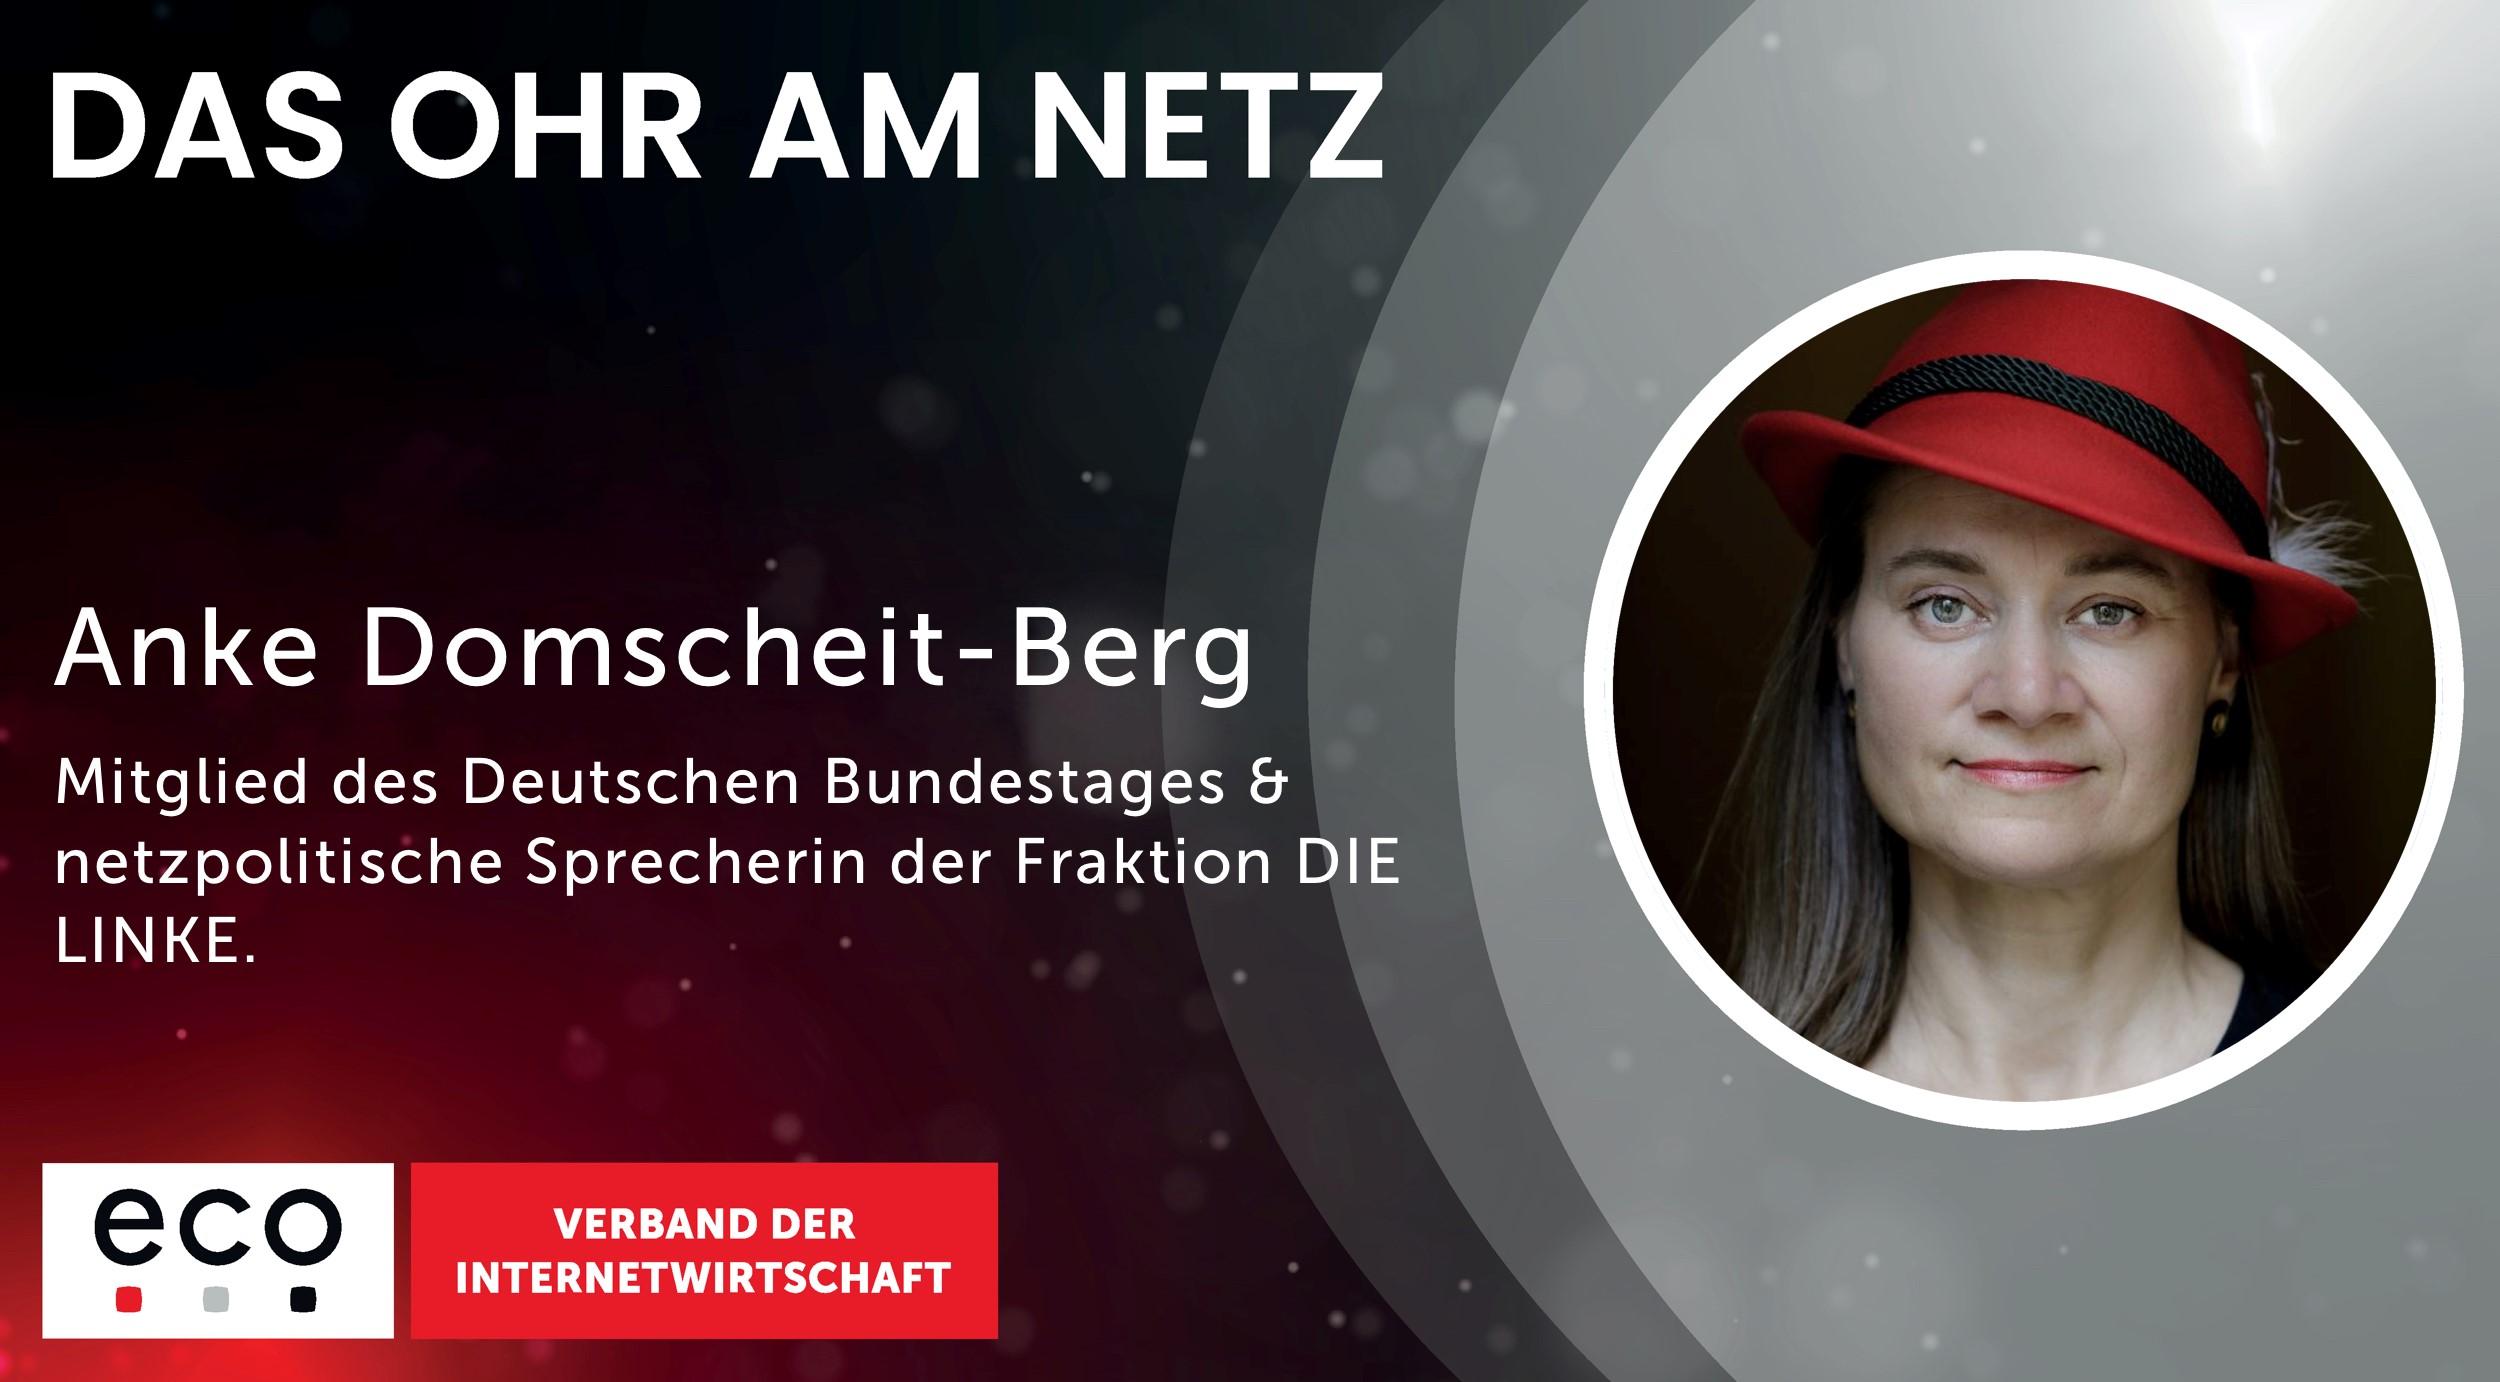 Anke Domscheidt-Berg im Podcast das Ohr am Netz